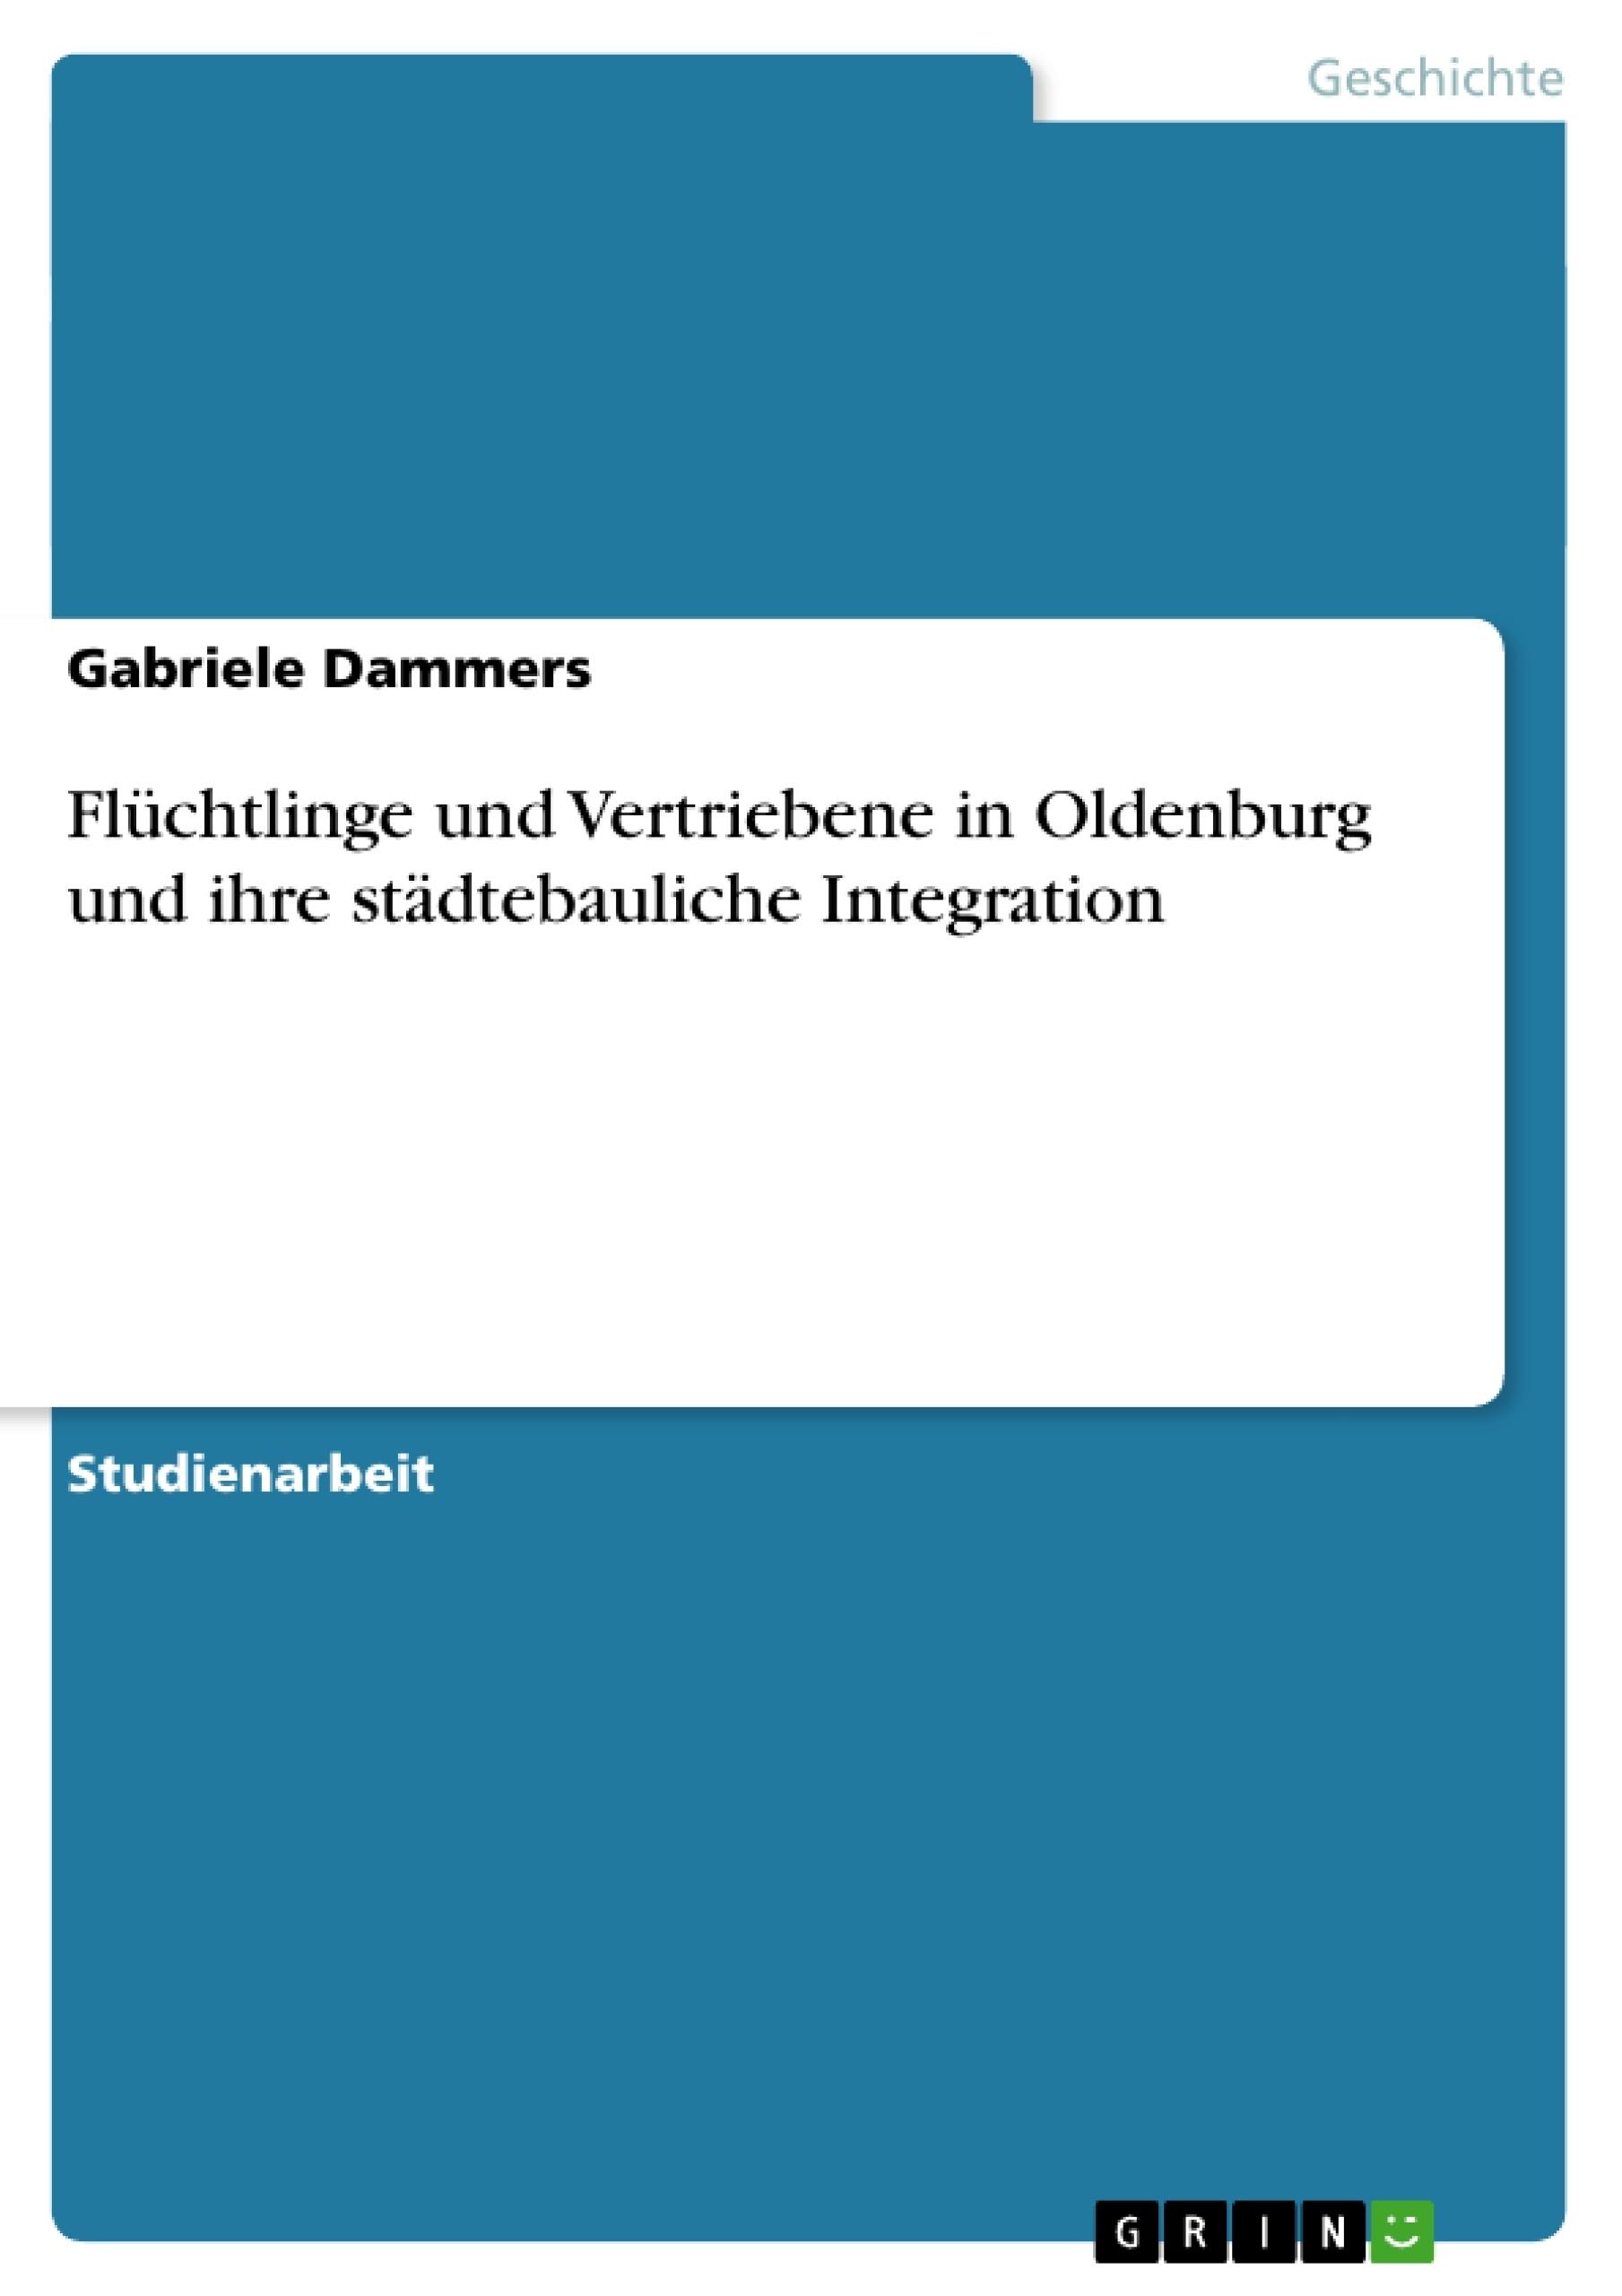 Titel: Flüchtlinge und Vertriebene in Oldenburg und ihre städtebauliche Integration